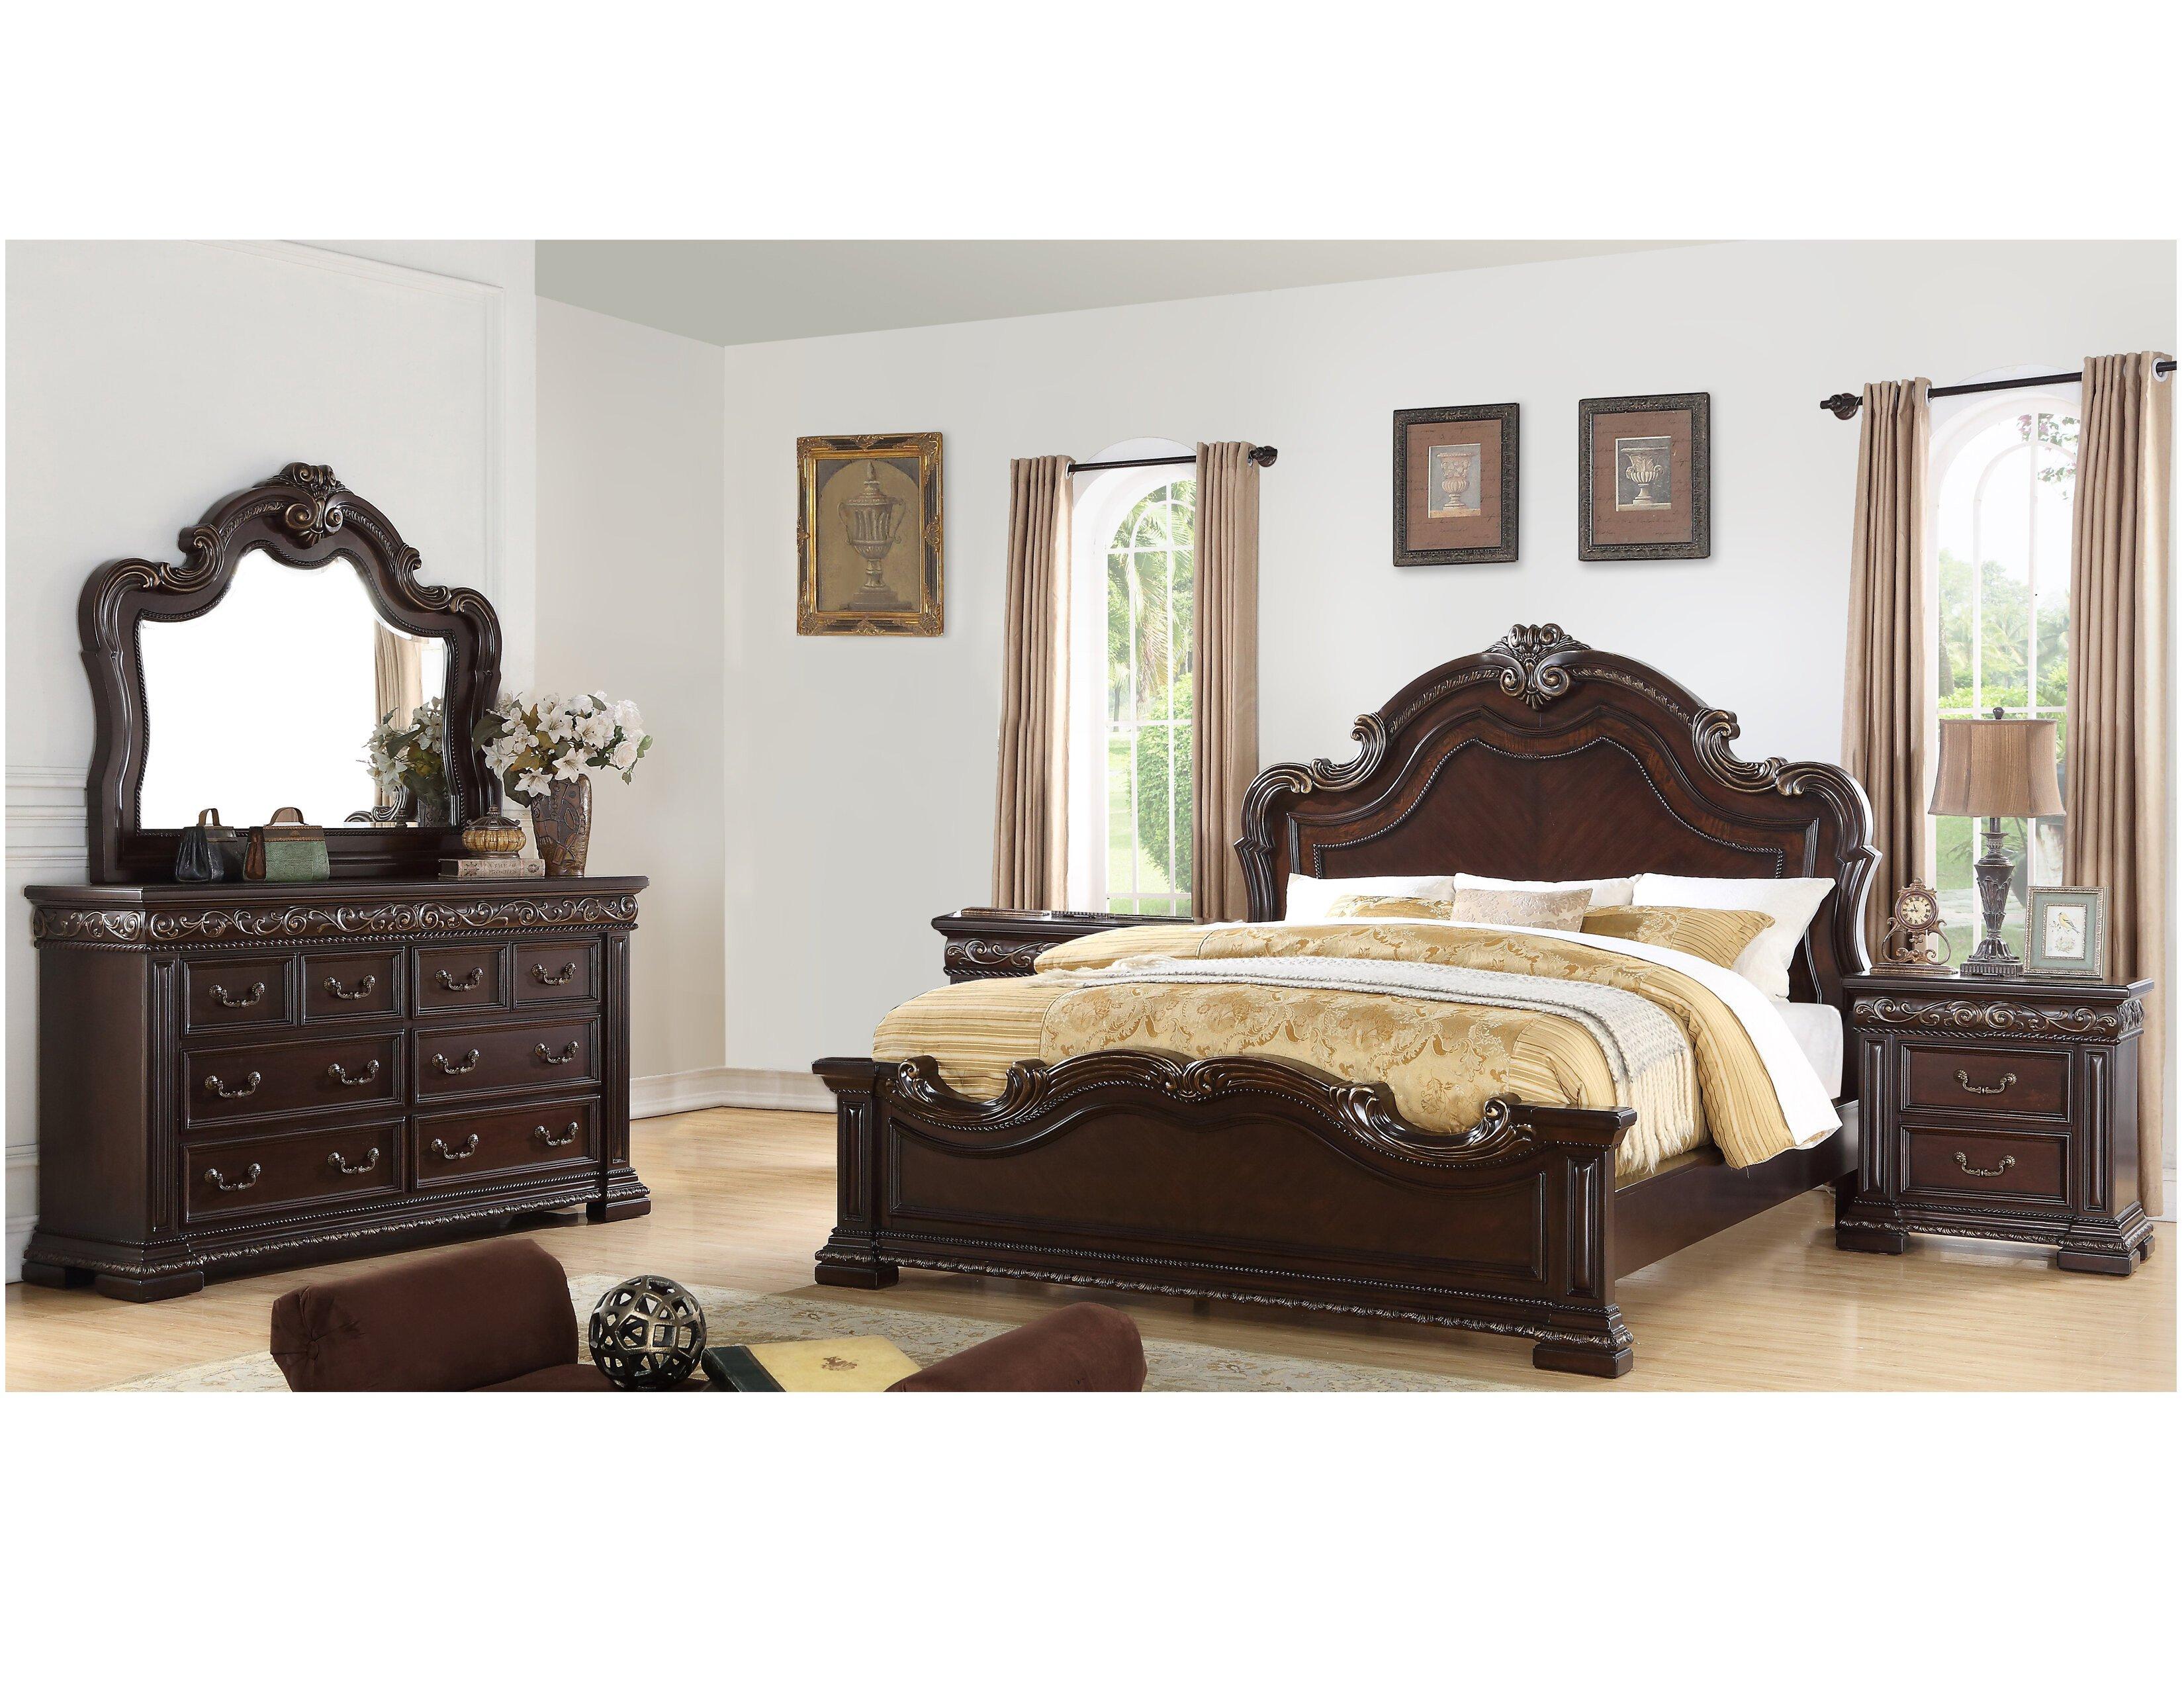 Queen Size Bedroom Suit Inspirational Bannruod Standard solid Wood 5 Piece Bedroom Set